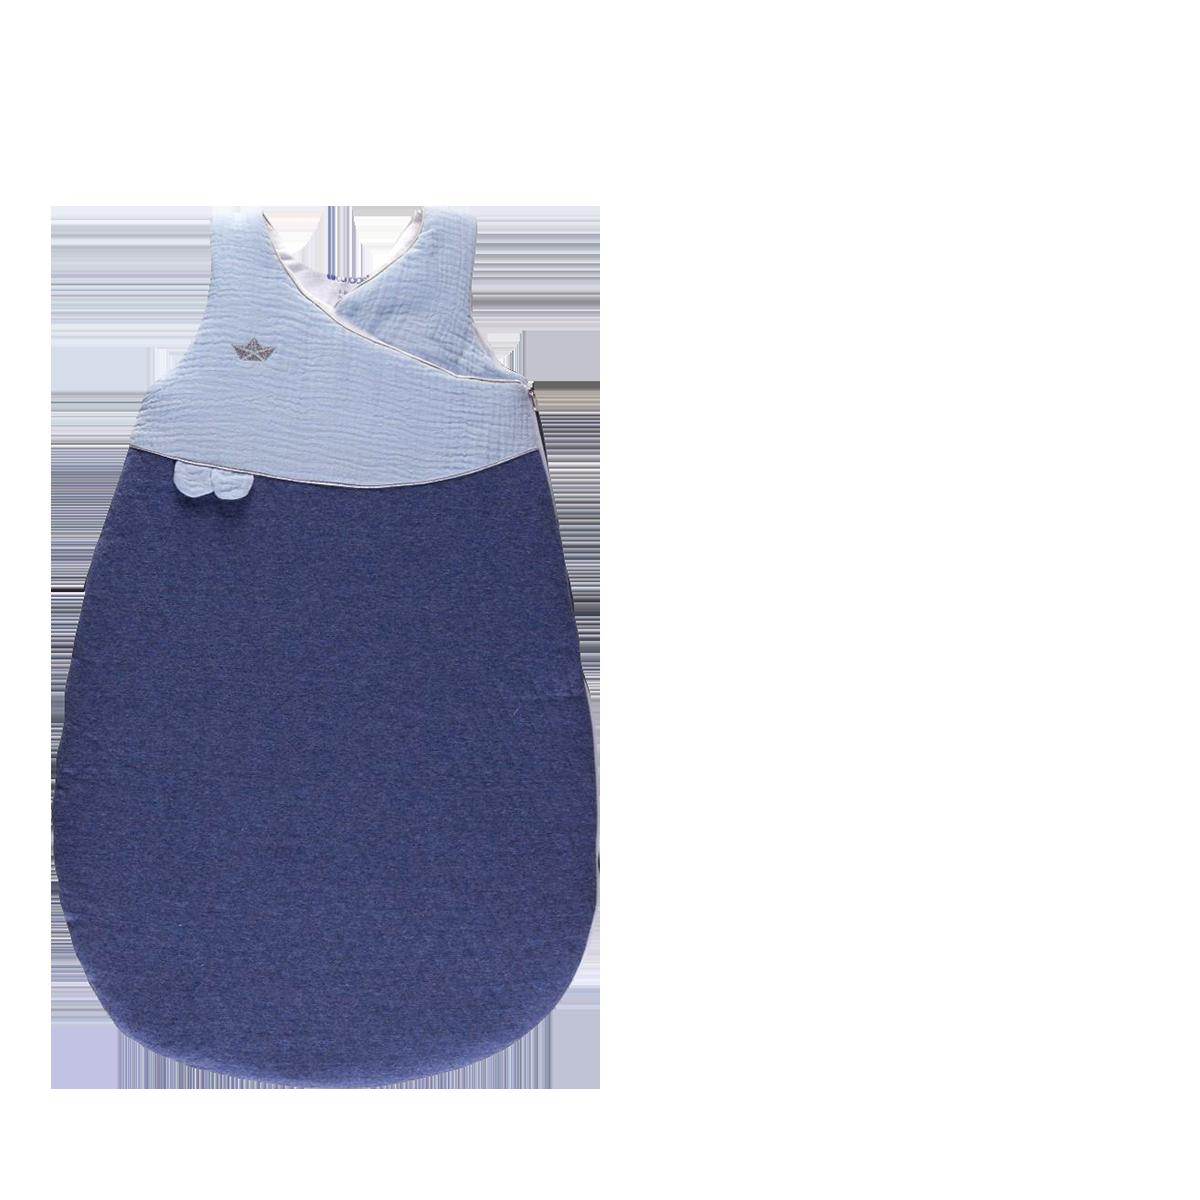 Gigoteuse bébé Douillette naissance 72cm chaude jersey matelassé/lange Bleu- Candide